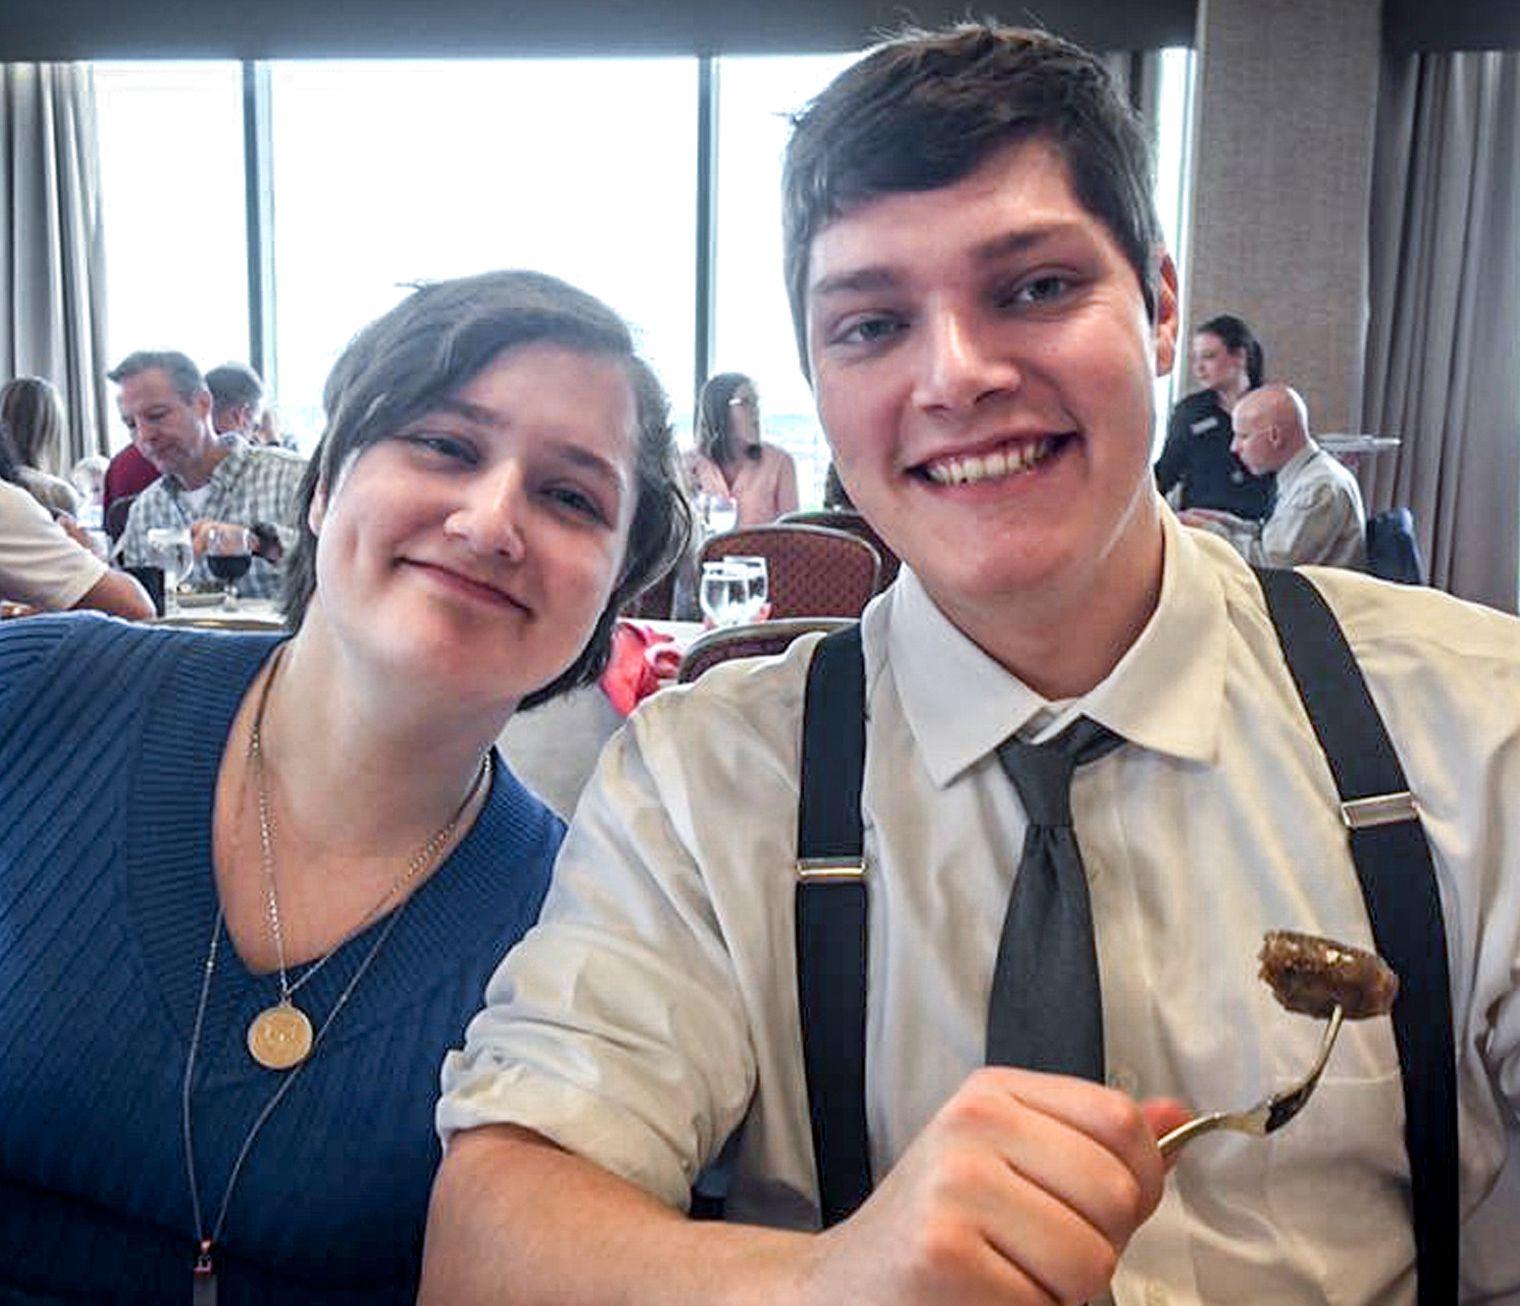 ANTATT GJERNINGSMANN: Connor Betts (24) er utpekt av politiet som antatt gjerningsmann i saken, her sammen med sin søster, Megan Betts (t.v.), som han også skjøt og drepte.